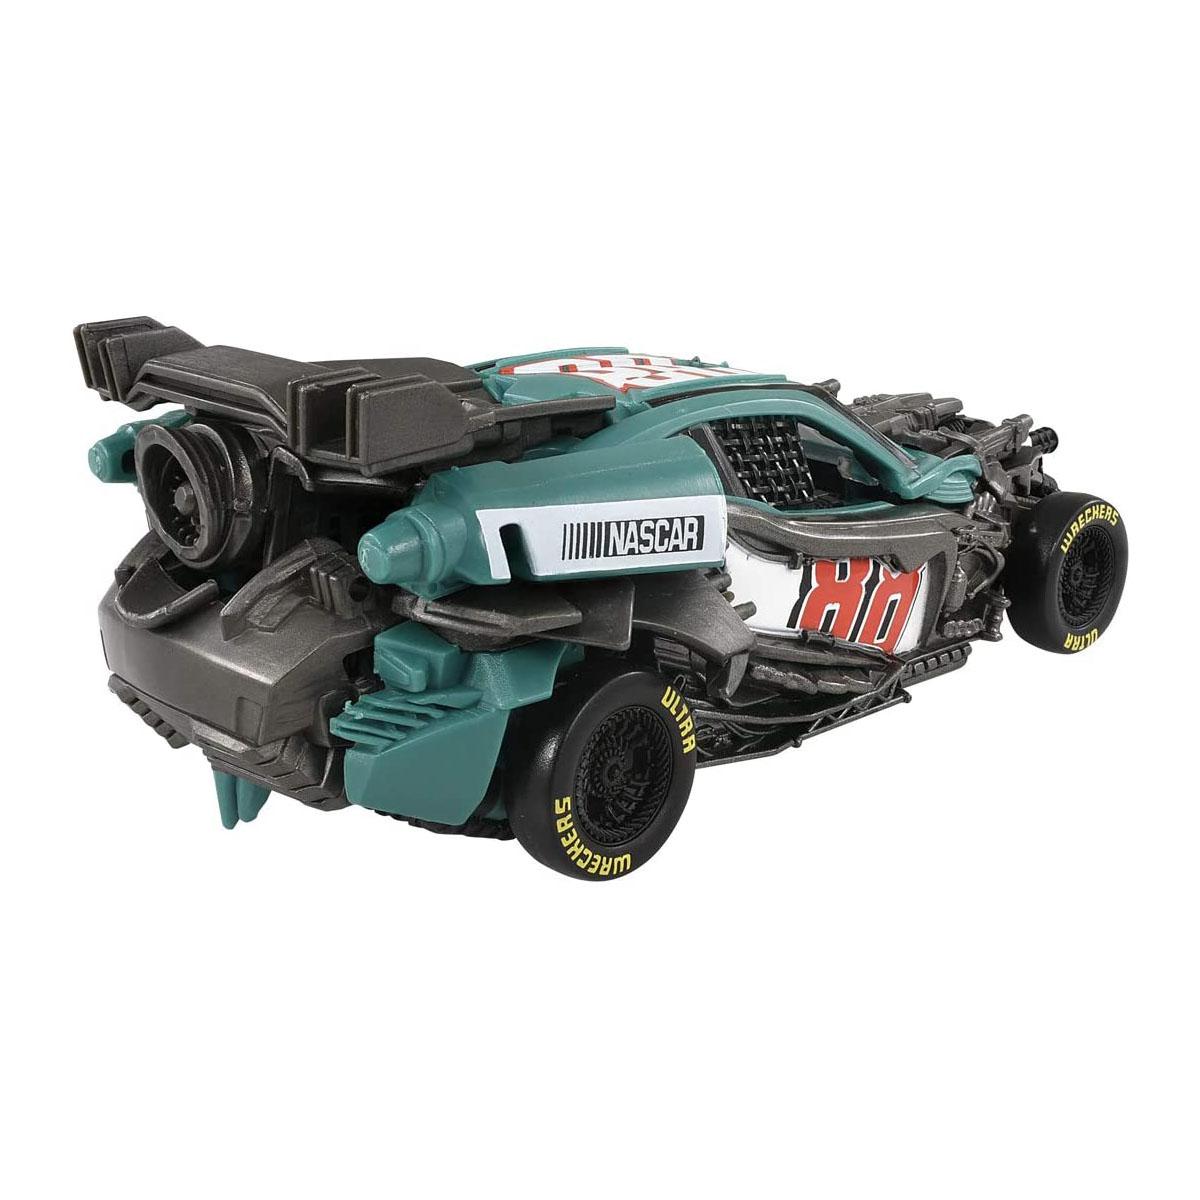 スタジオシリーズ『SS-50 ロードバスター』トランスフォーマー 可変可動フィギュア-004